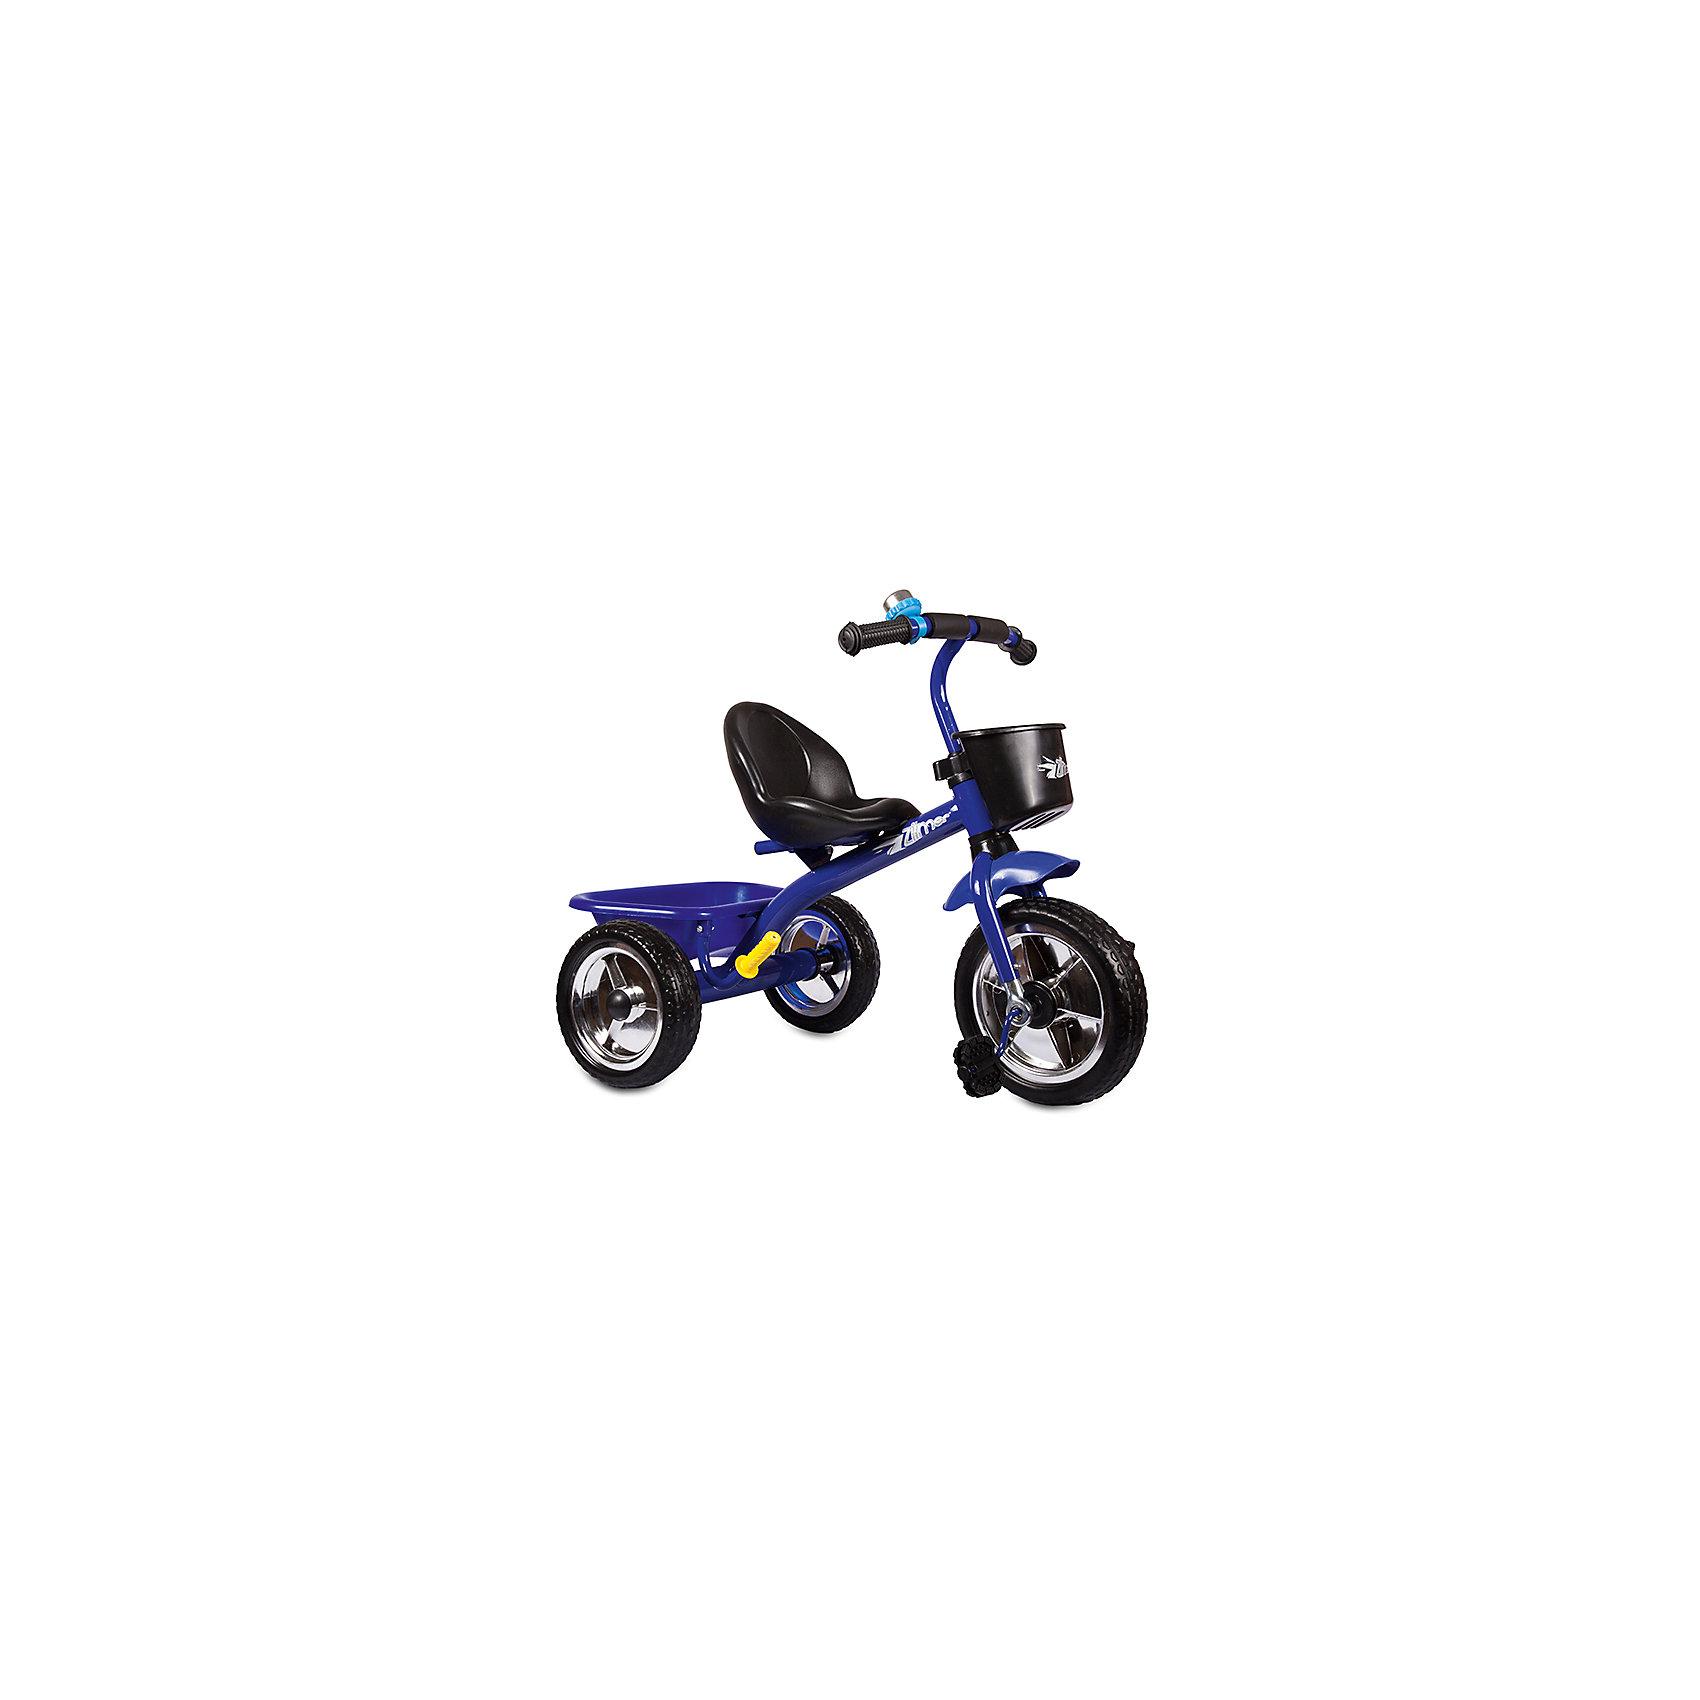 Трехколесный велосипед Голден Люкс, синий, ZilmerВелосипед Zilmer Голден Люкс (3 колеса EVA 10/8, сталь, спинка, 2 корзины, гудок, син.)        Трёхколёсный велосипед Zilmer!<br>Основные особенности данной модели: колёса EVA, удобное сиденье, две вместительные корзинки. Руль оснащён мягкой накладкой.<br>В корзинку можно сложить необходимые для прогулки вещи. Велосипед сделан из надёжных и безопасных материалов. Яркий цвет  и привлекательный внешний вид обращают на себя внимание.<br>Преимущества:<br>Удобный руль с мягкой накладкой<br>Две корзинки<br>Яркий цвет<br>Вес 1 шт.: 3 кг<br><br>Ширина мм: 300<br>Глубина мм: 225<br>Высота мм: 200<br>Вес г: 4250<br>Возраст от месяцев: 12<br>Возраст до месяцев: 36<br>Пол: Унисекс<br>Возраст: Детский<br>SKU: 4642330